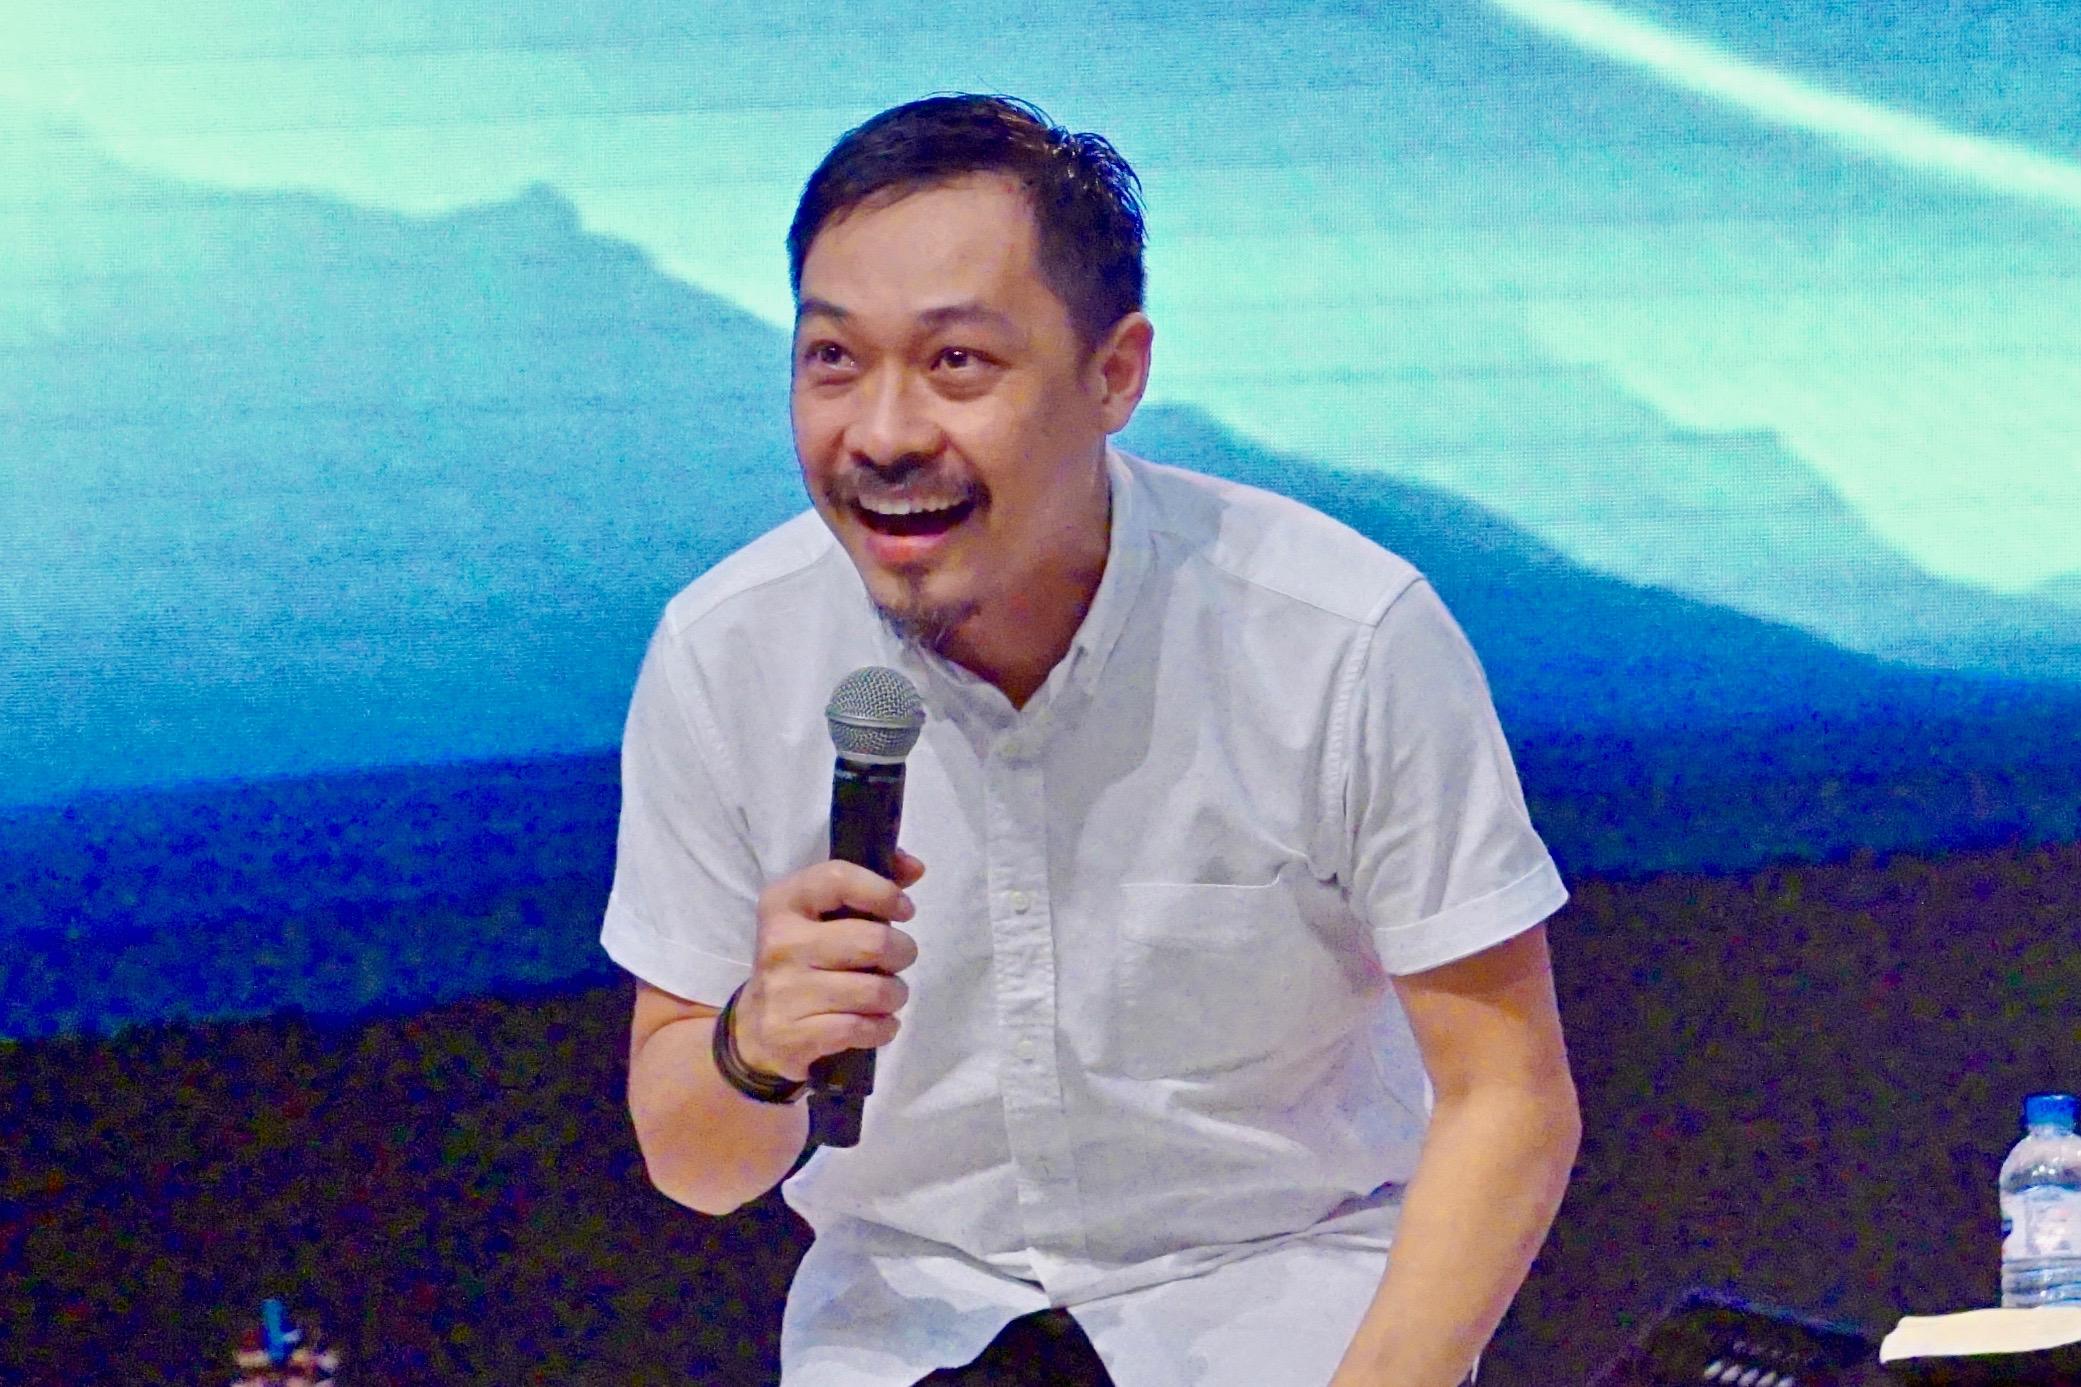 空間的漫遊者 ─吉隆坡城市豐收教會Kevin Loo勞盛斌牧師信仰的奇幻旅程!